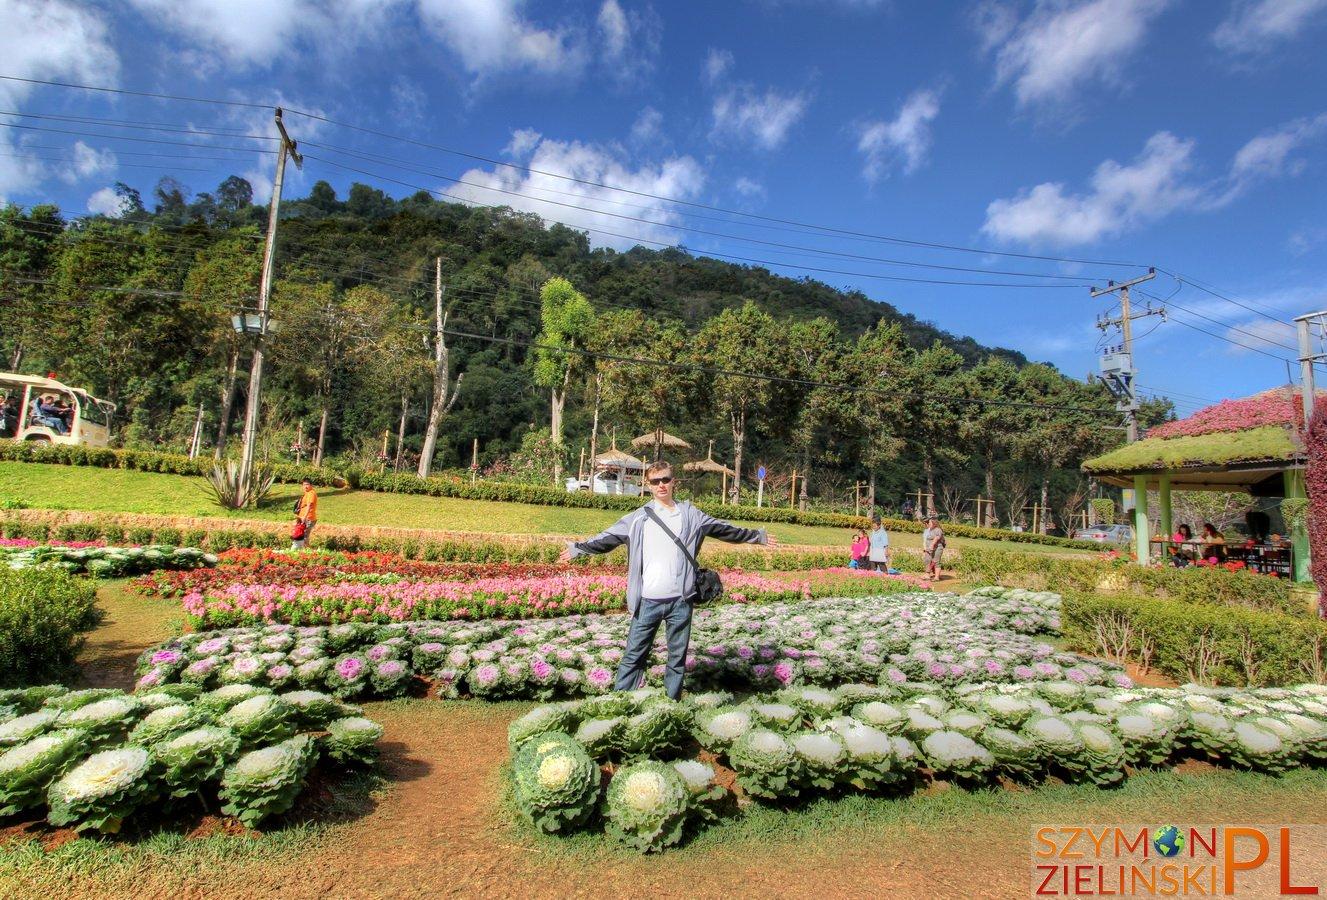 Doi Ang Khang Royal Agricultural Station, Chiang Mai province, Thailand